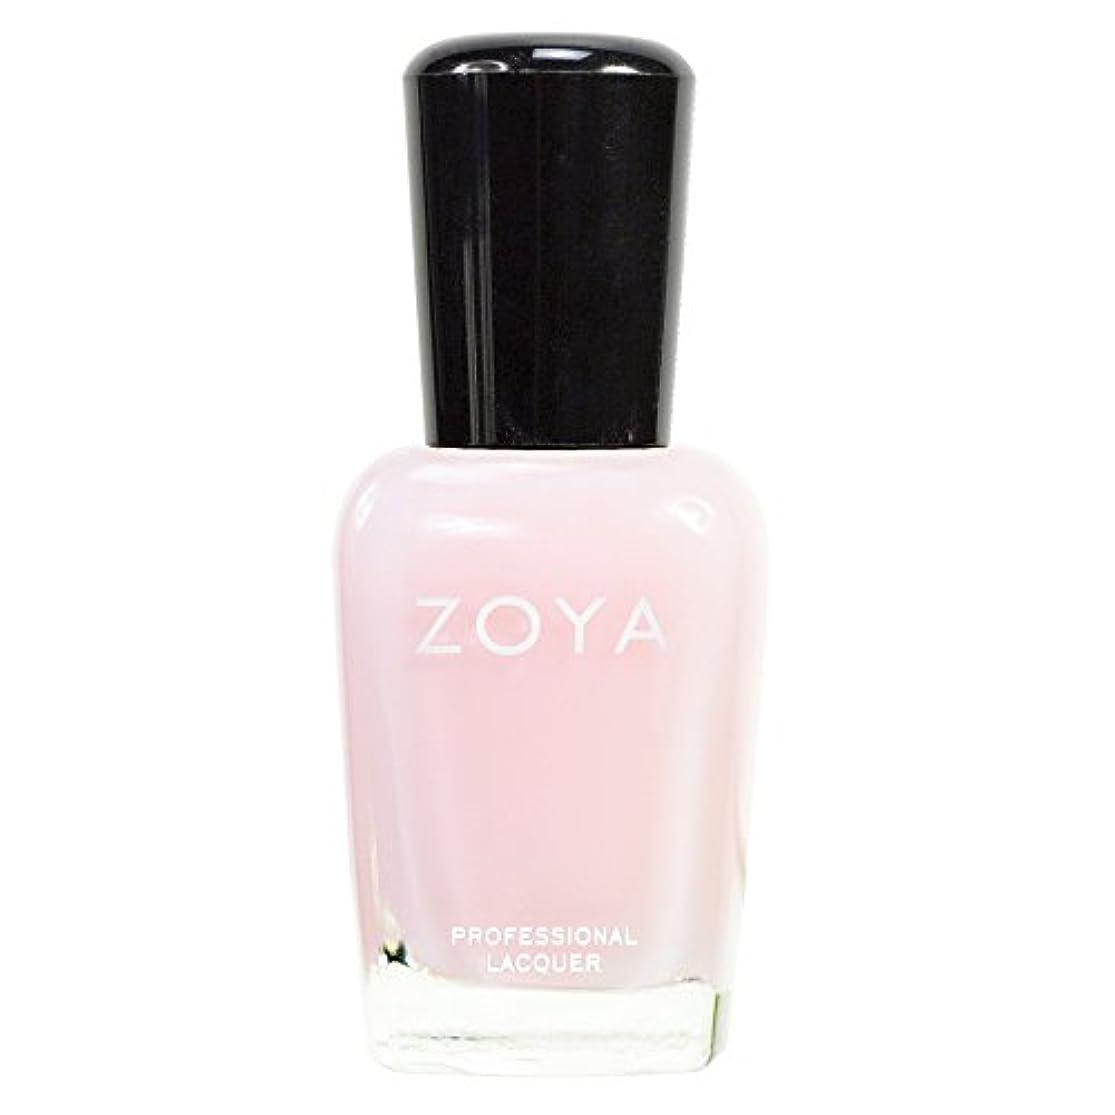 科学的政策五十ZOYA ゾーヤ ネイルカラーZP334(LORETTA) ロレッタ 15ml 透明感のあるベビーピンク シアー?マット/クリーム 爪にやさしいネイルラッカーマニキュア